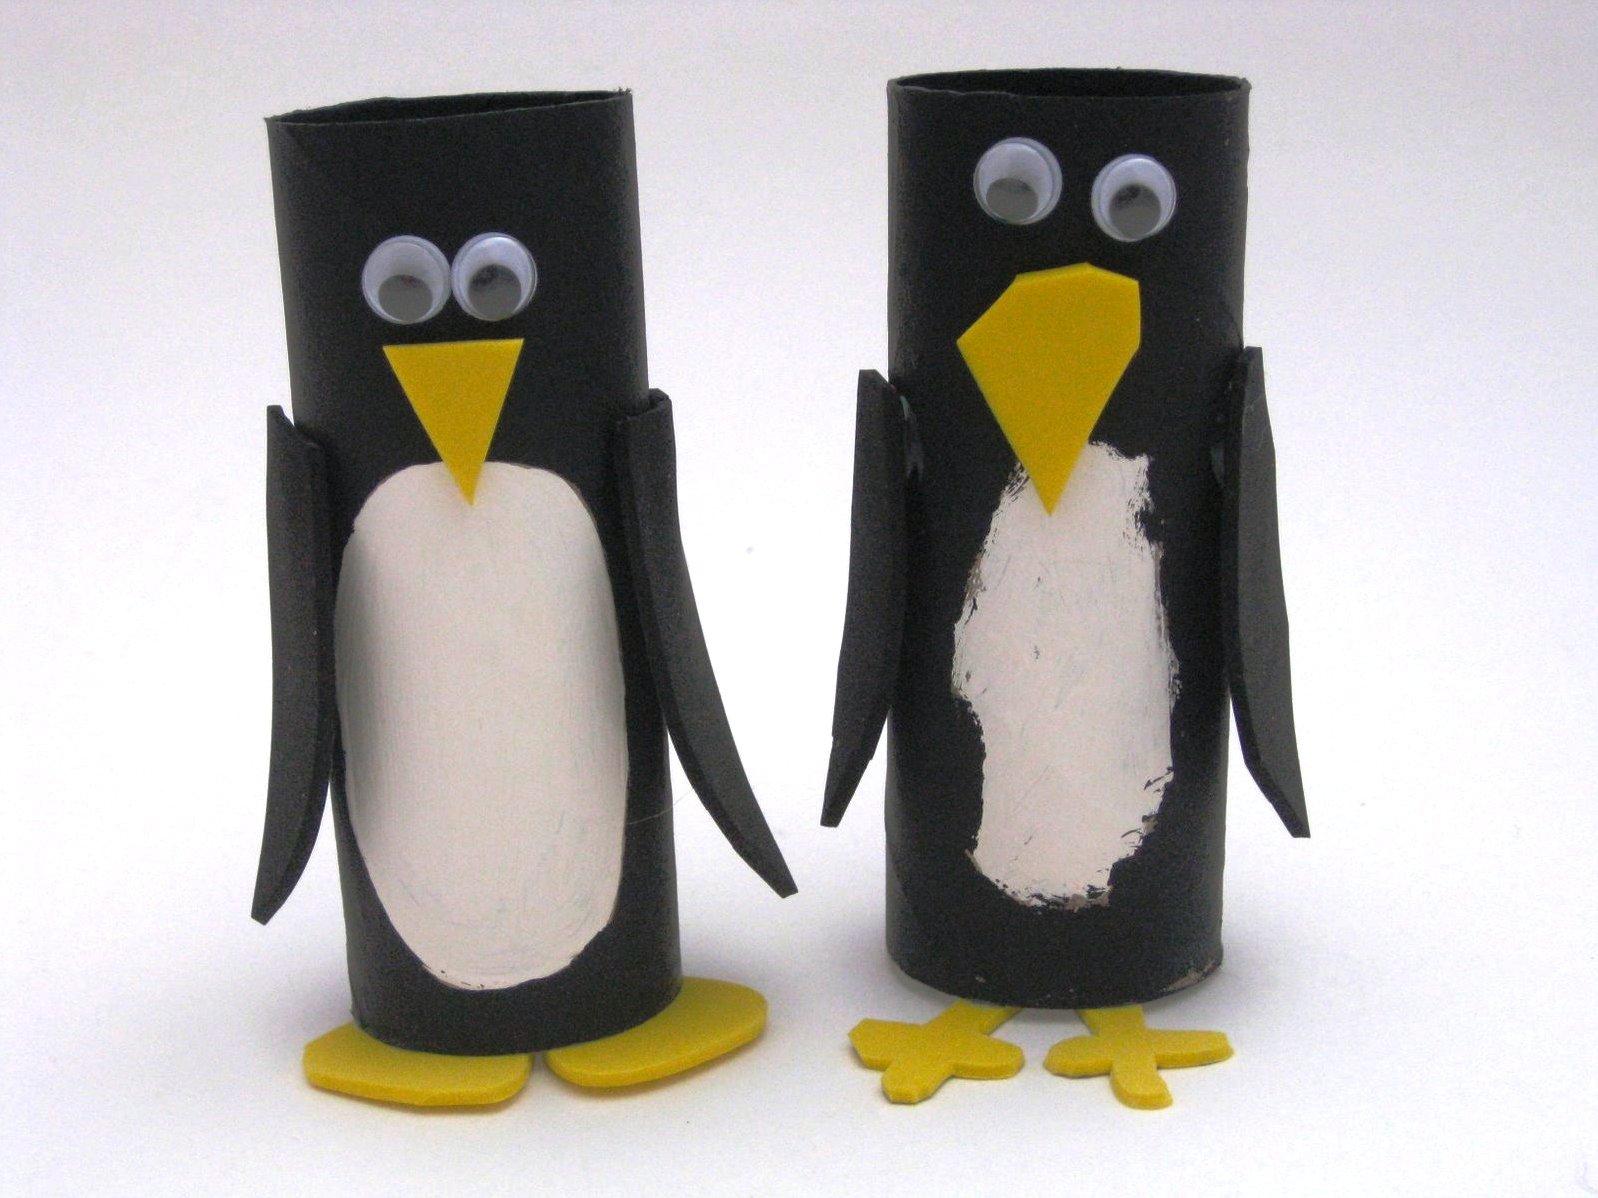 Чтобы получить пингвина, нужно раскрасить втулку в черно-белый цвет